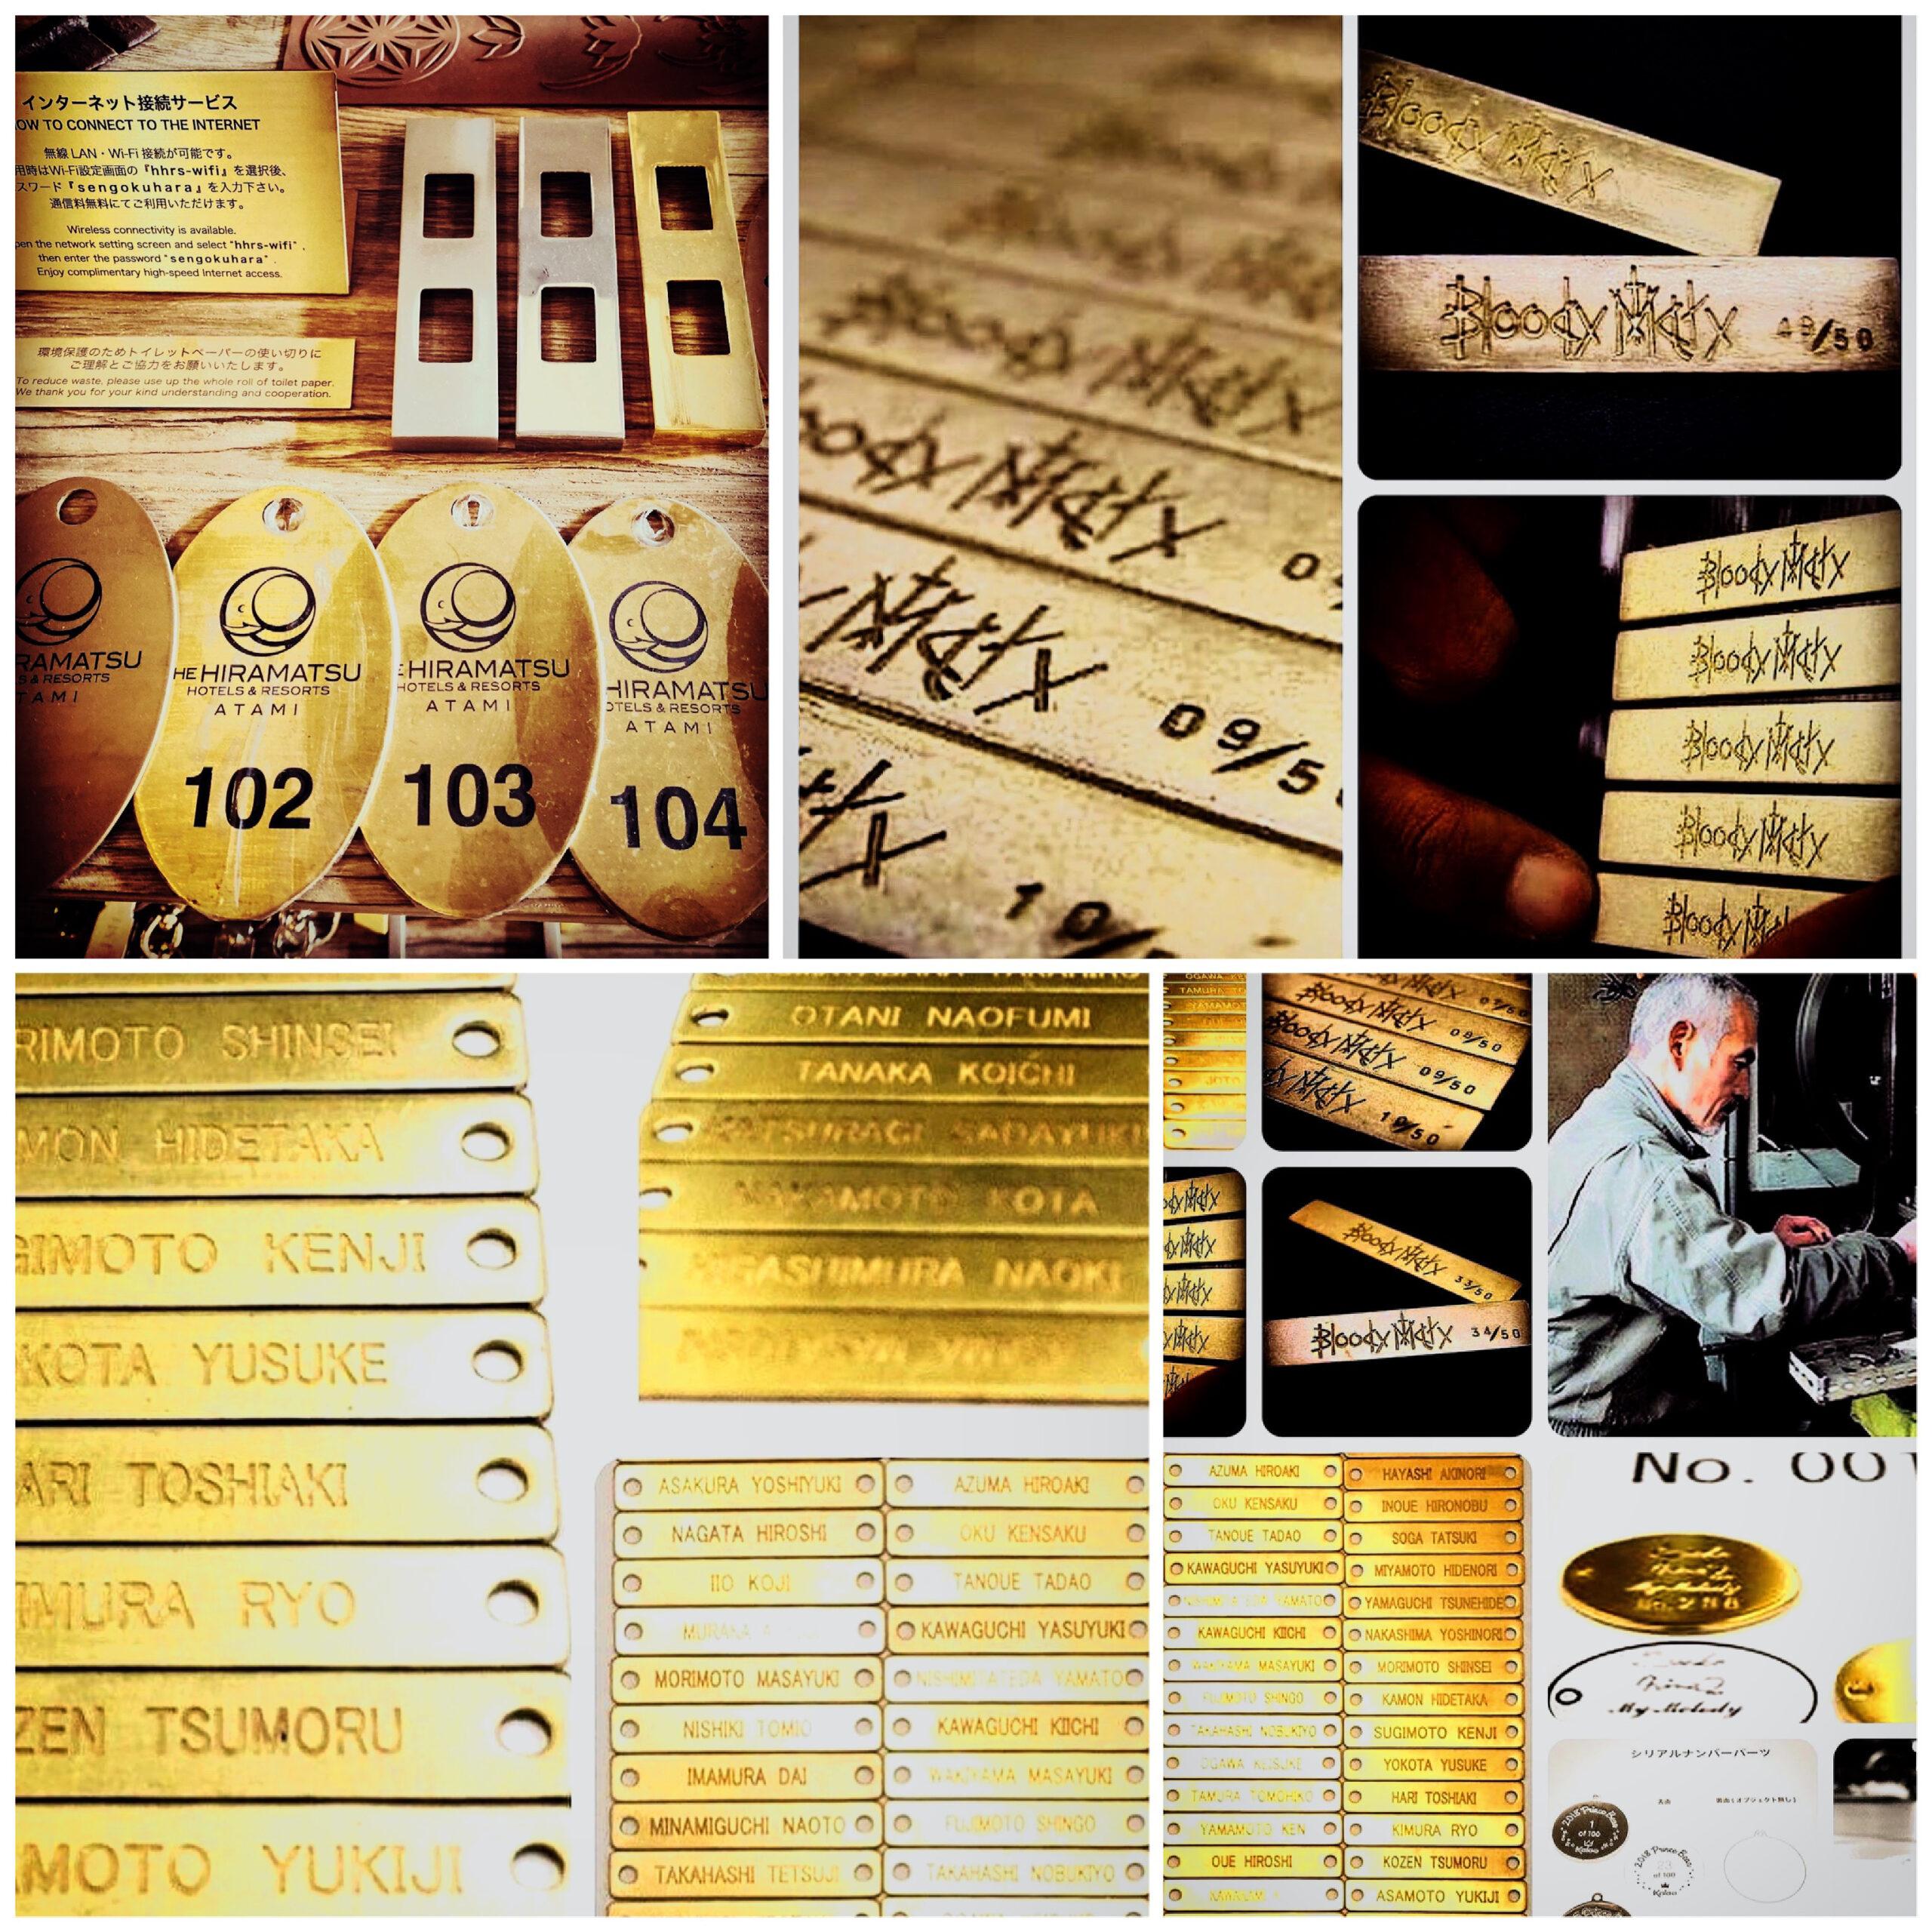 私たちメタルハウスは80年以上お客様の大切なブランド金具を製作したり、アクセサリーのデザインにオリジナルのロゴを入れたり、希望のサイズや色、形、ロット、素材を自由にカスタマイズしながらオーダーメイドの金具やアクセサリーを製作しけています。